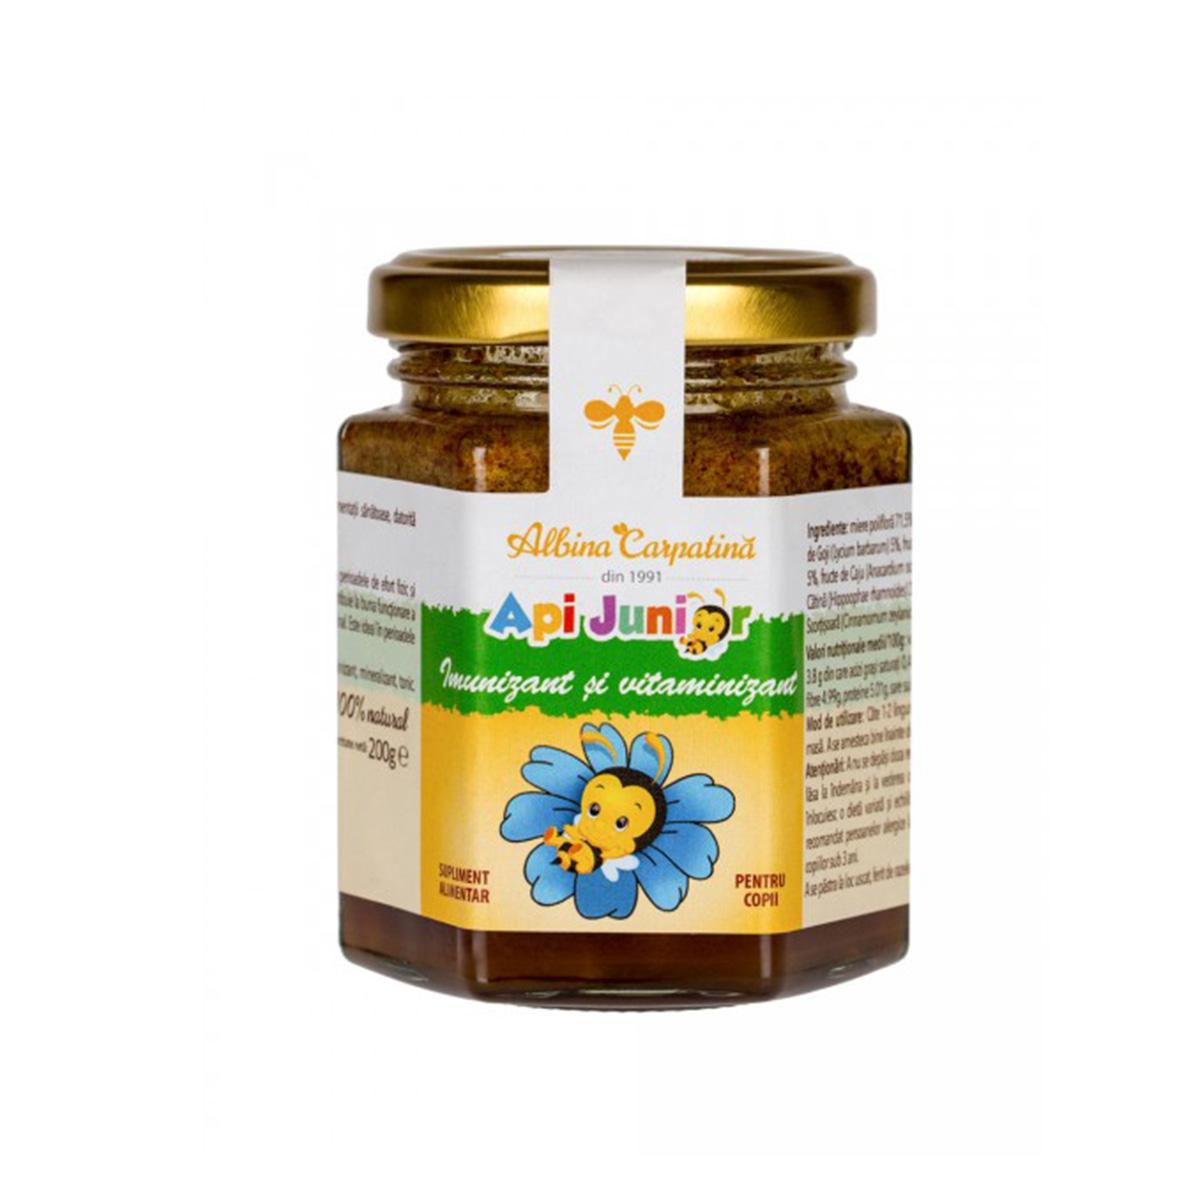 Imunizant și vitaminizant ApiJunior Albina Carpatină, 200 g, Apicola Pastoral Georgescu